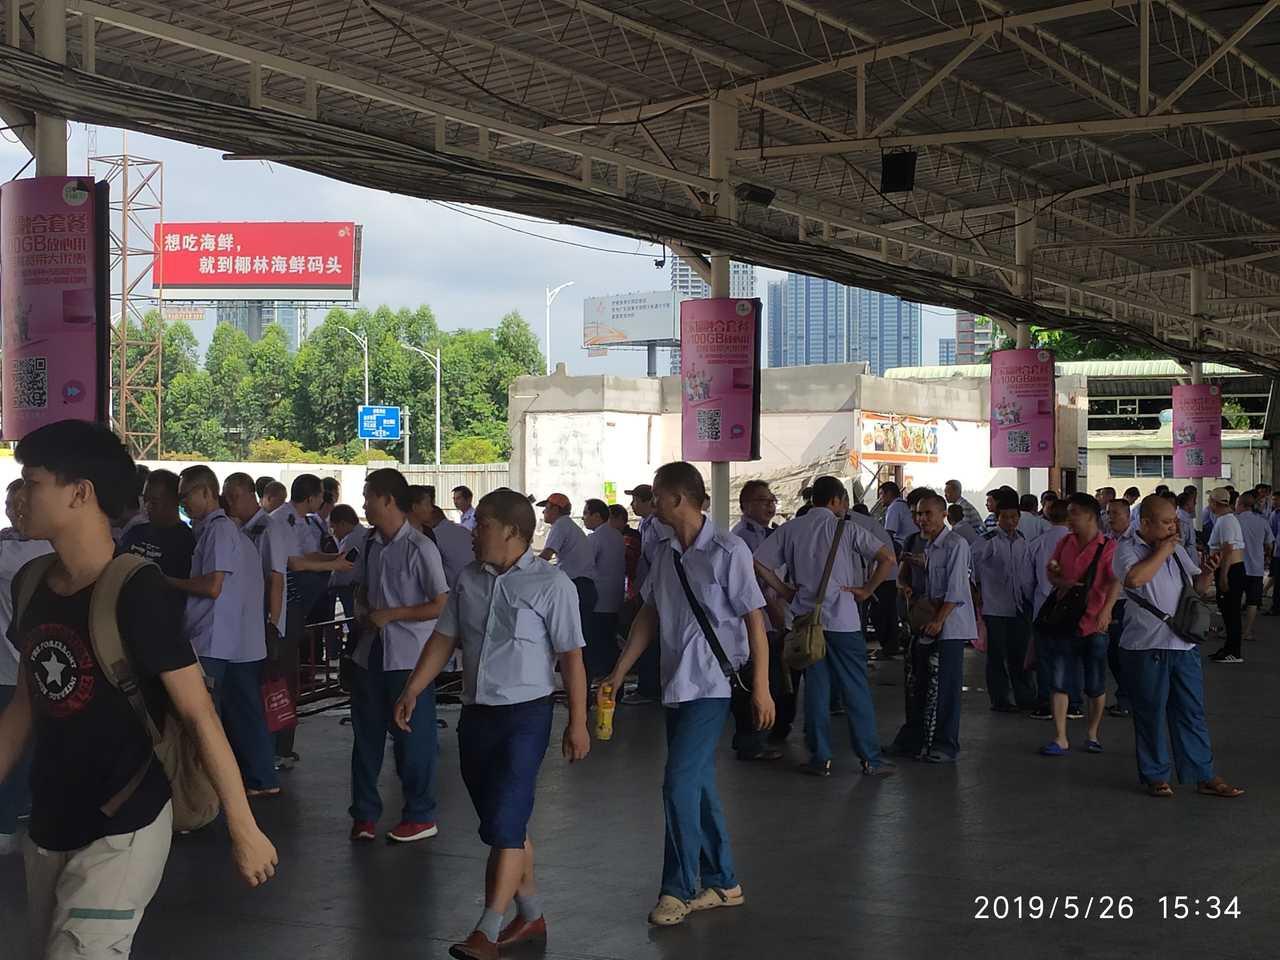 東莞數百公交司機汽車站維權 討工齡賠償